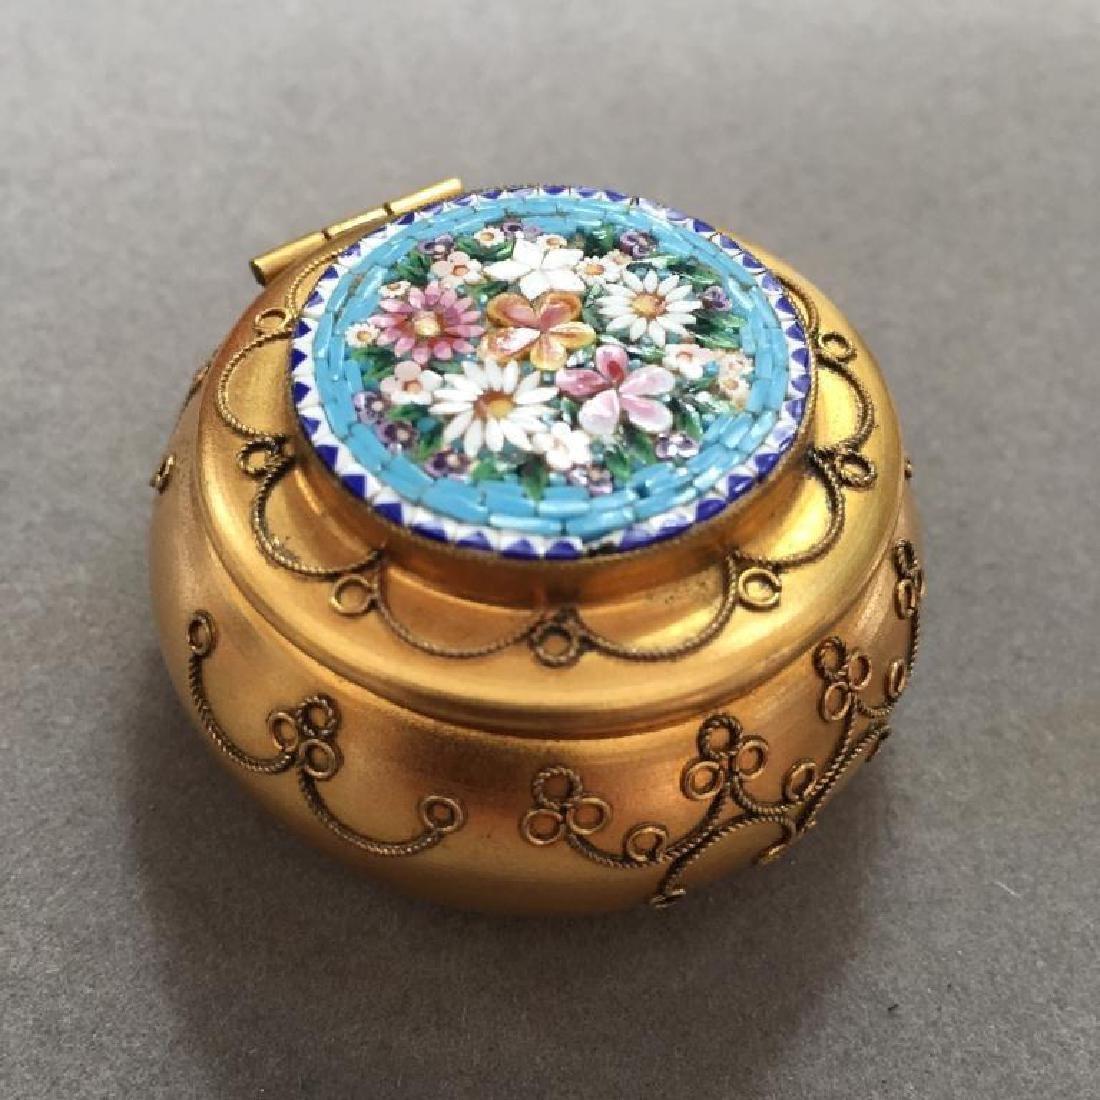 Italian Micro Mosaic Jewel Trinket Pill Box - 3